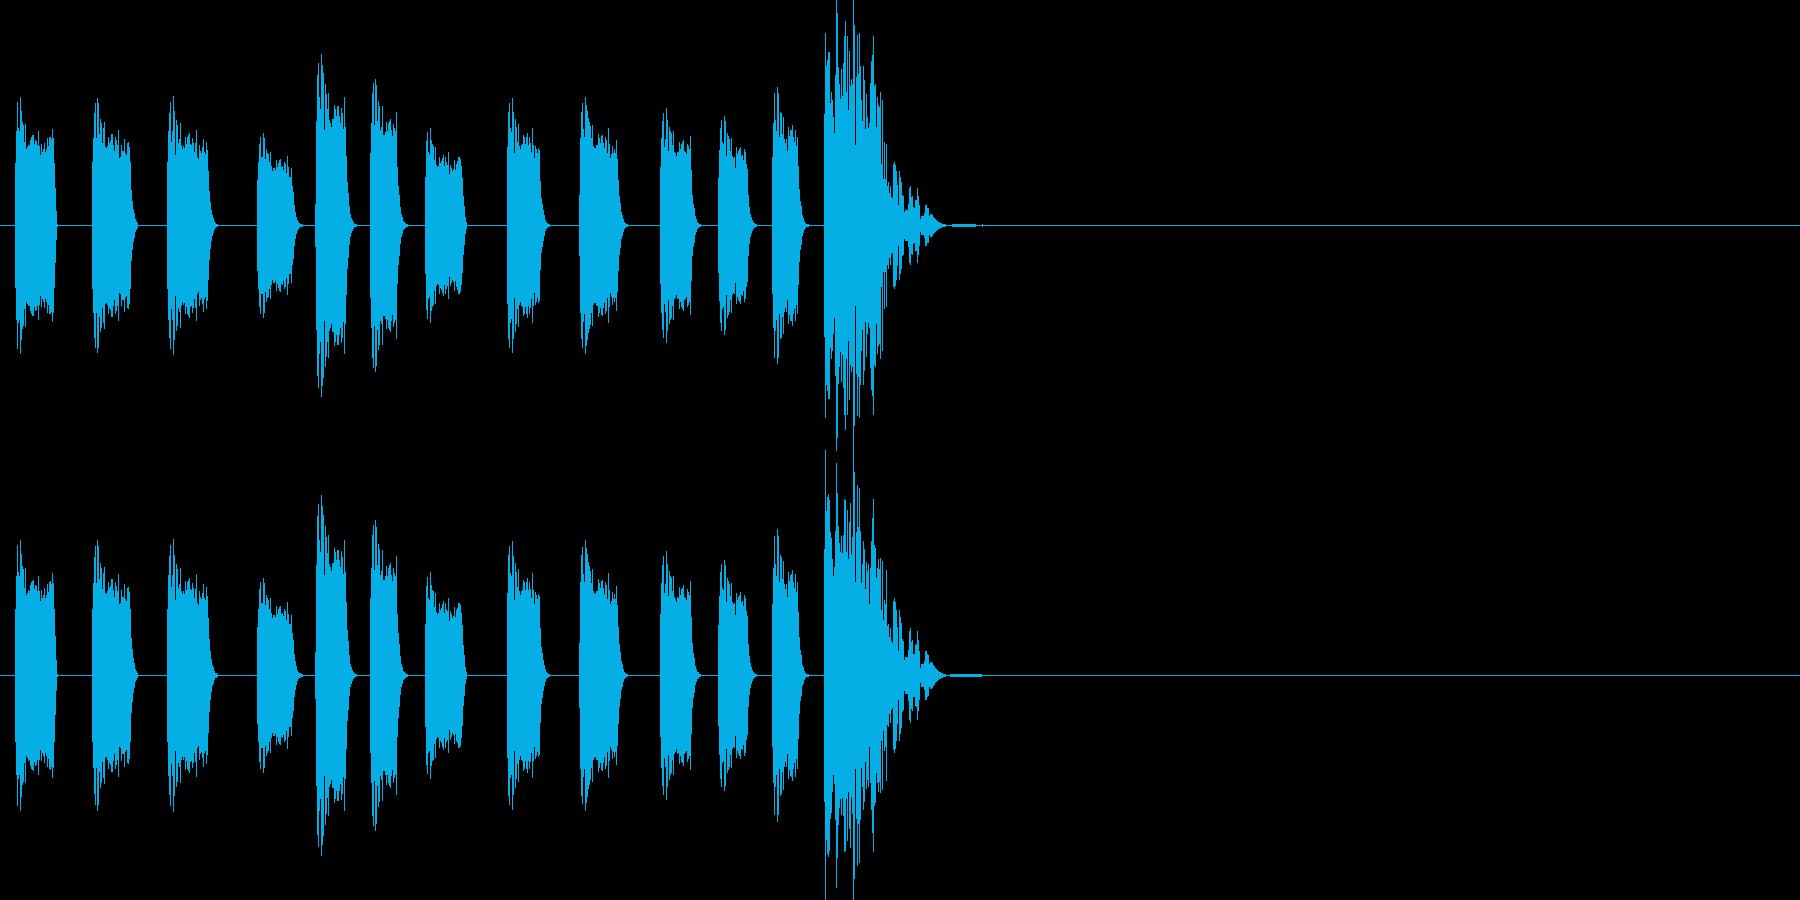 CMから明けたときのHit音ジングルの再生済みの波形